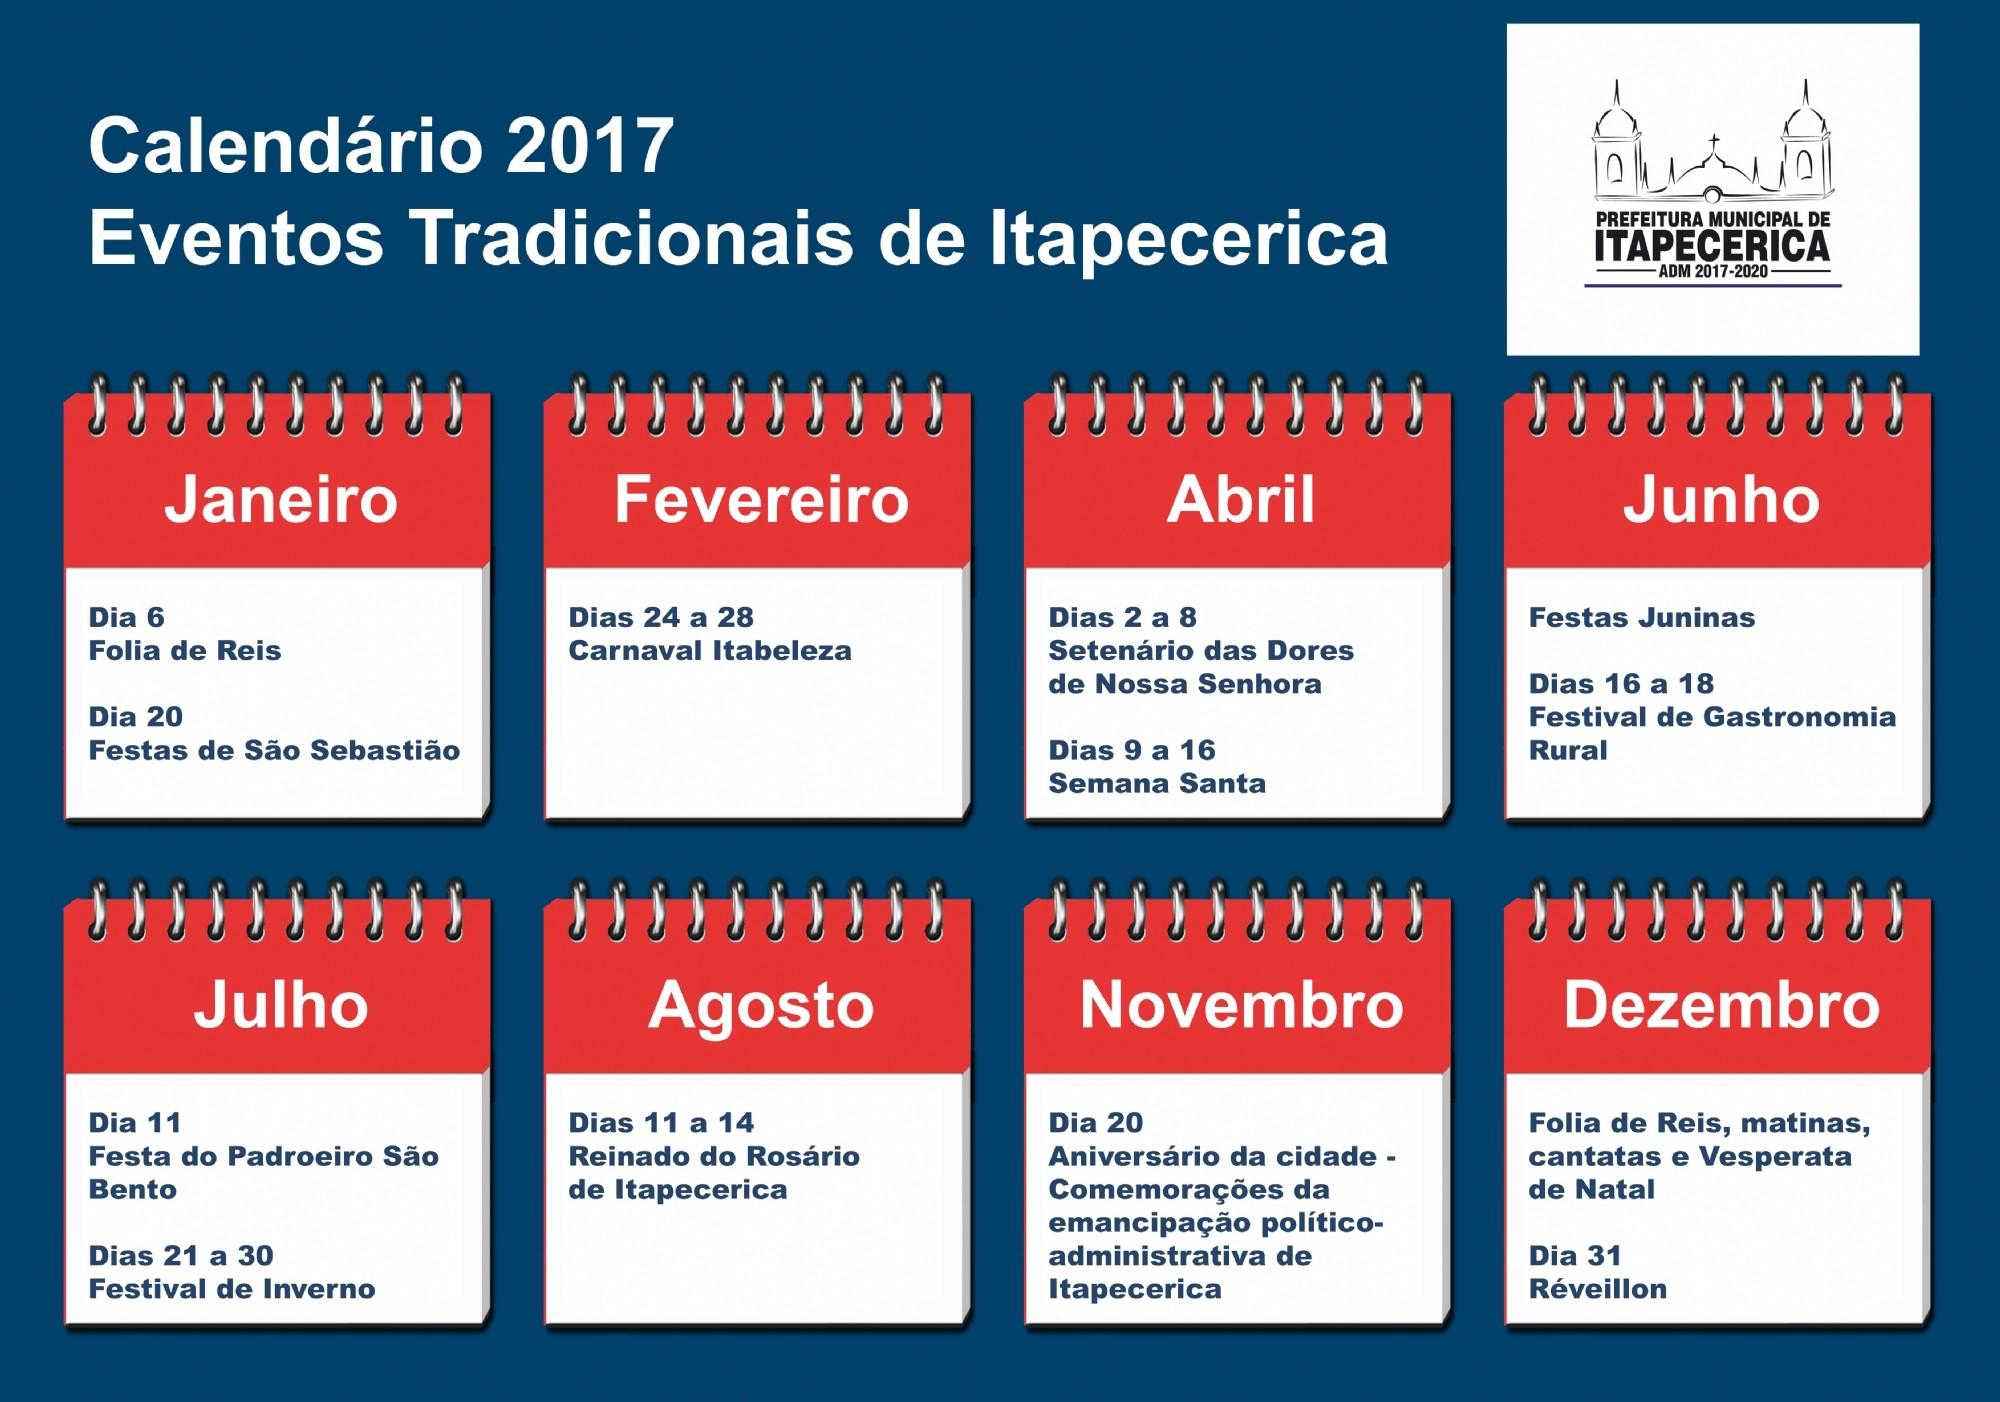 Calendário anual de eventos tradicionais de Itapecerica